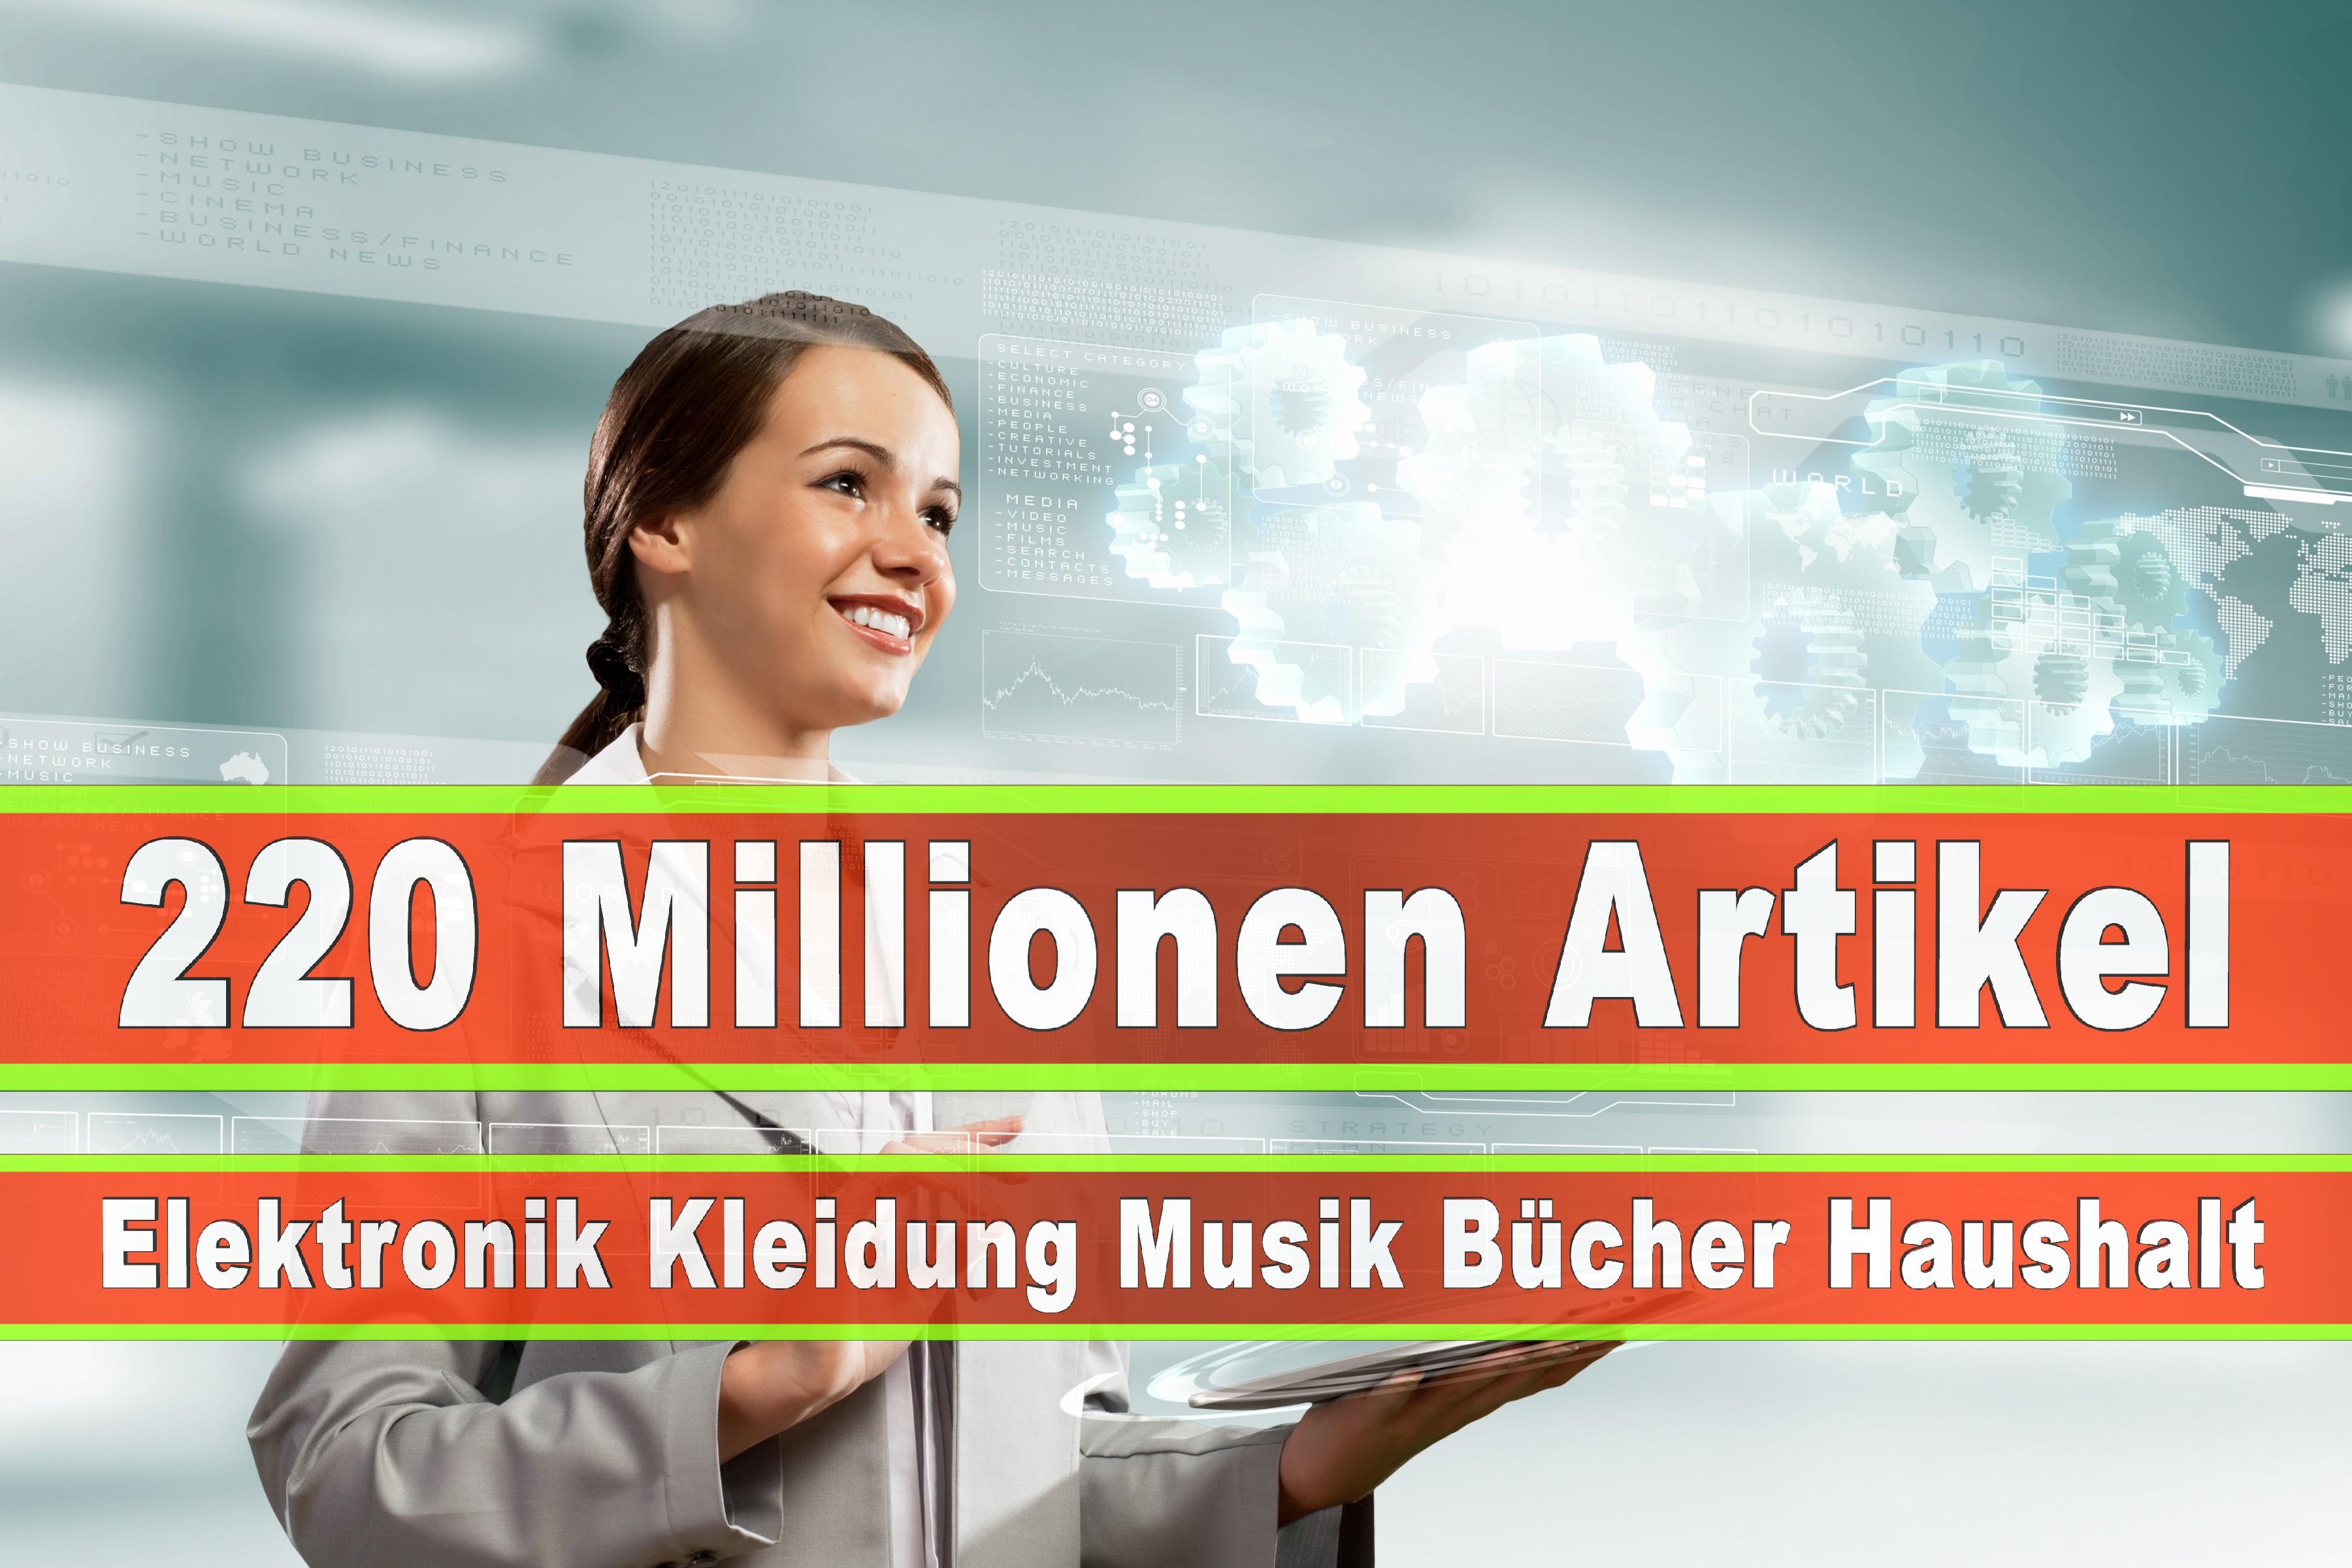 Amazon Elektronik Musik Haushalt Bücher CD DVD Handys Smartphones TV Television Fernseher Kleidung Mode Ebay Versandhaus (22)